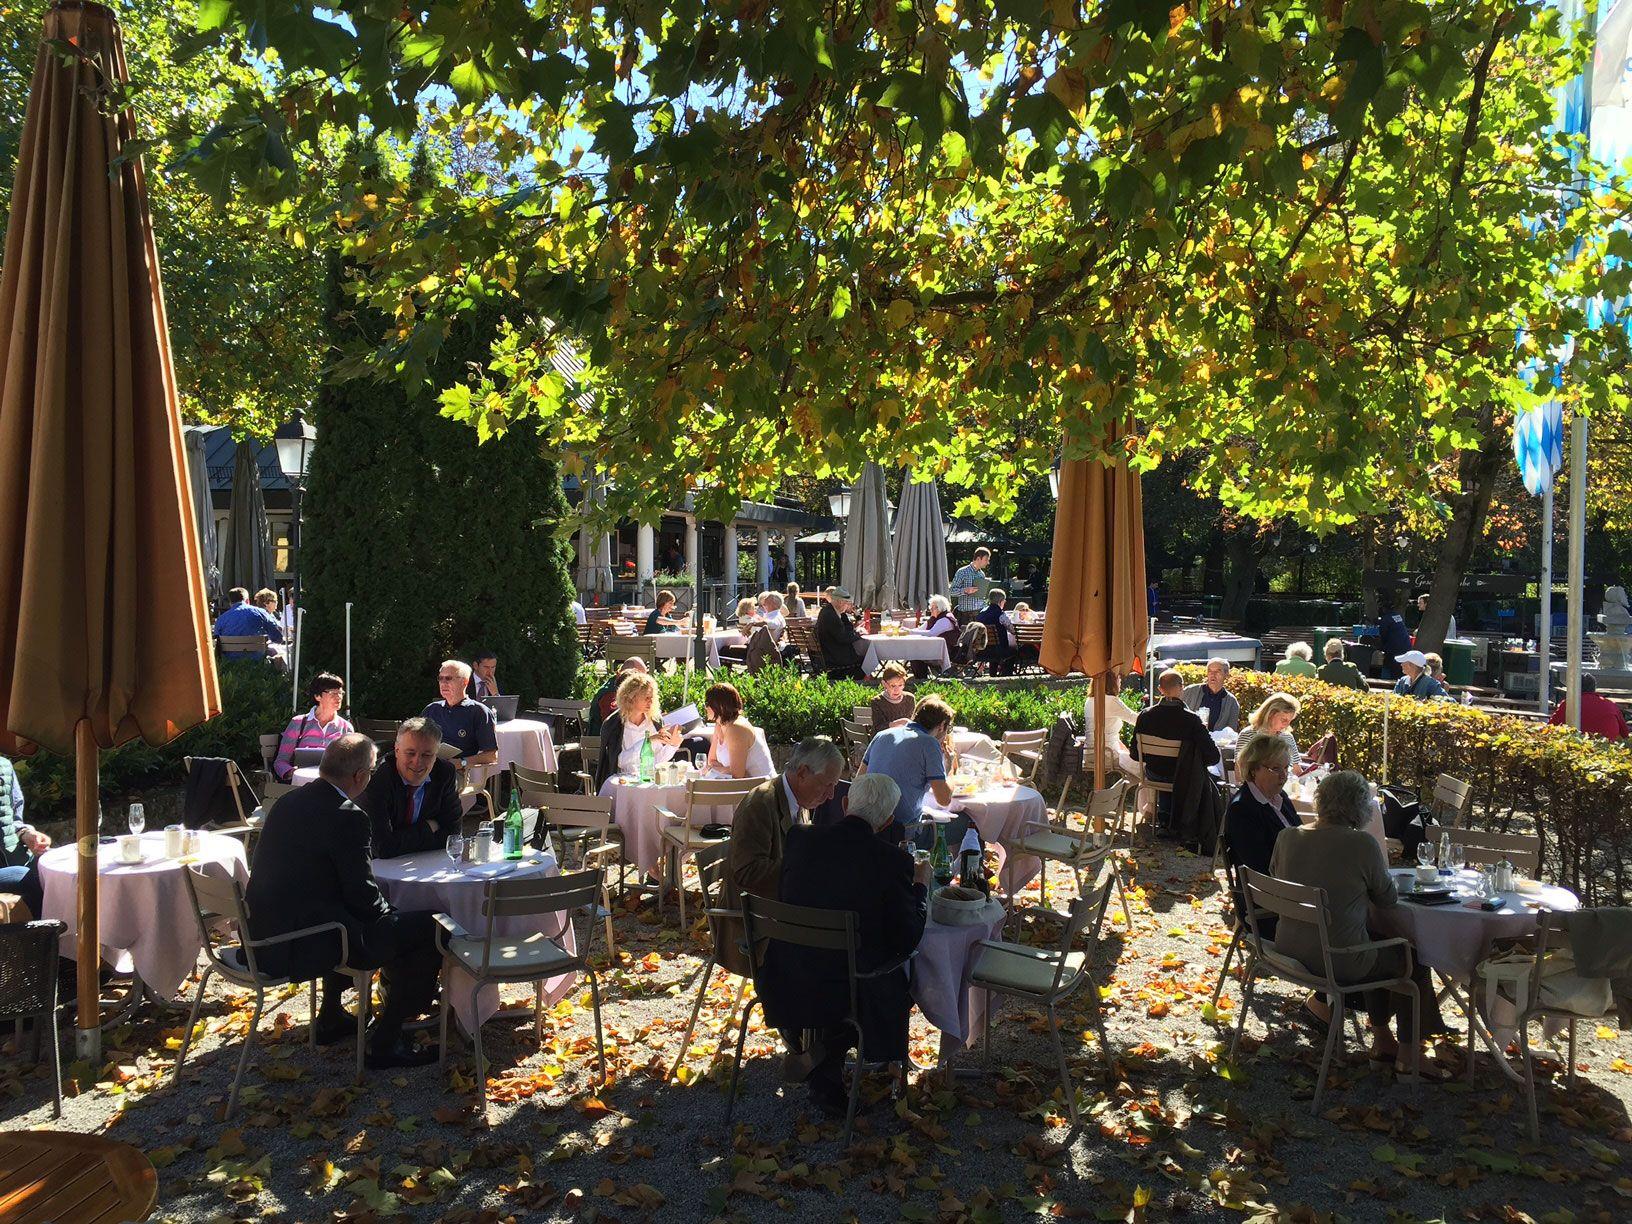 Sunshine Seehaus im Englischen Garten in Munich more pics